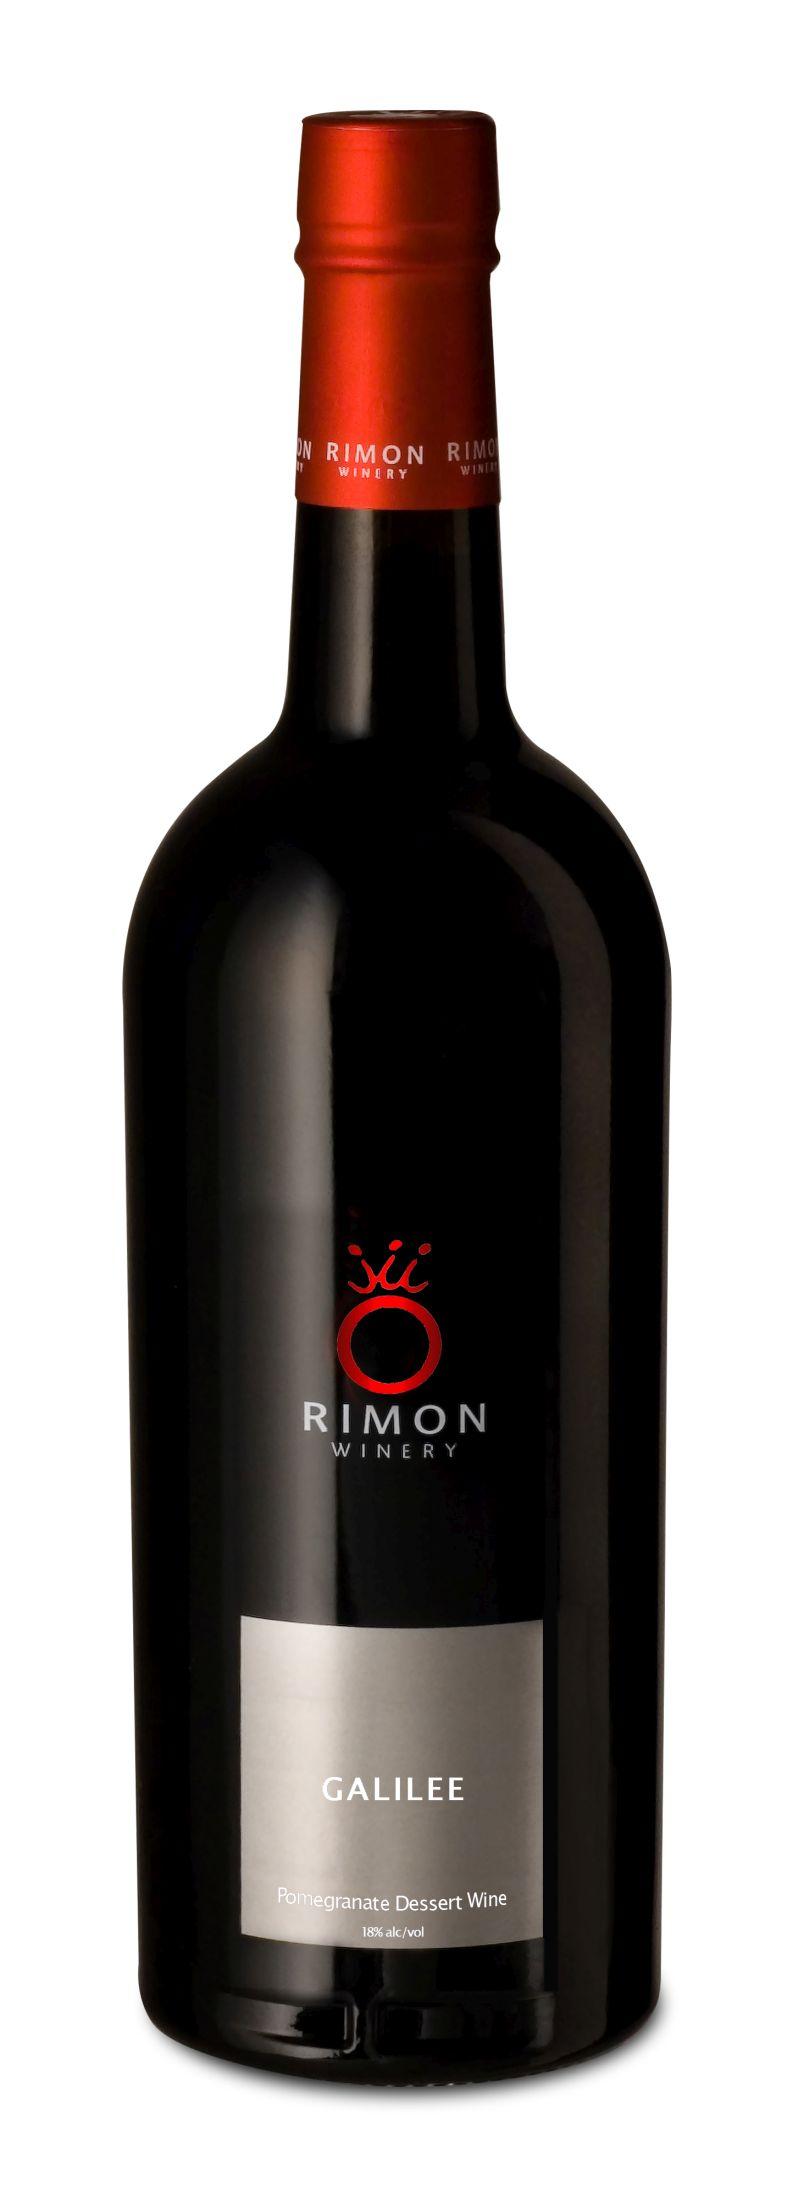 יין פורט של יקב רימון